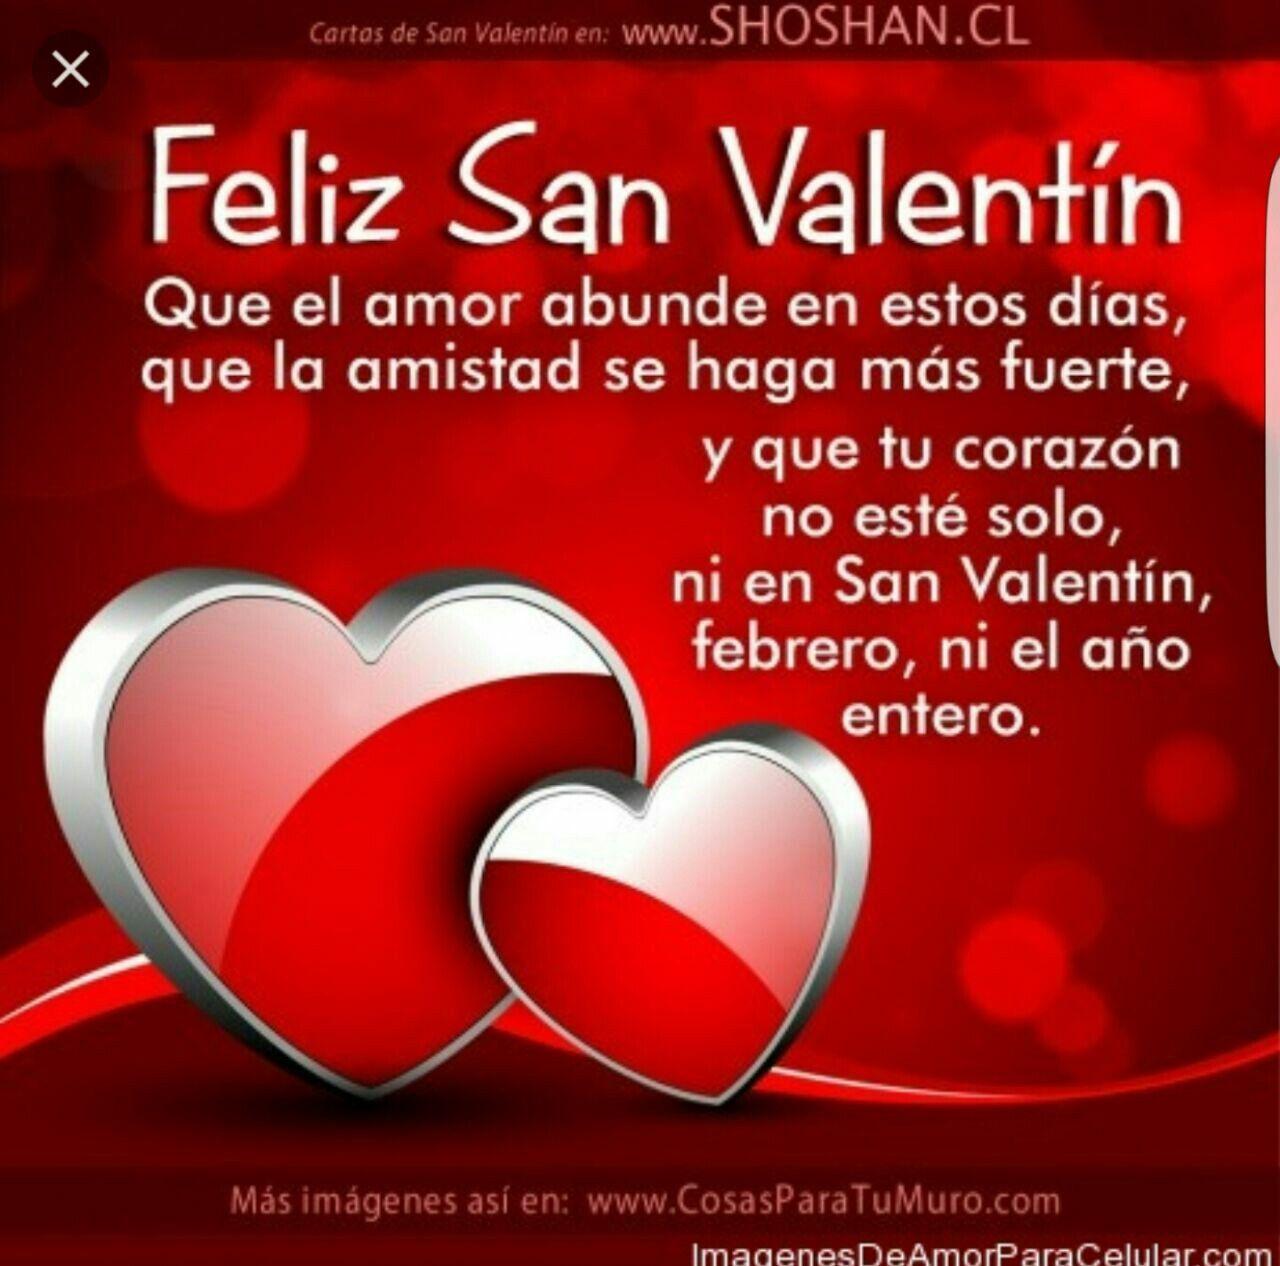 19 Ideas De Dia De Los Enamorados En 2021 Dia De Los Enamorados Feliz Día De La Amistad Frases Del Día De San Valentín